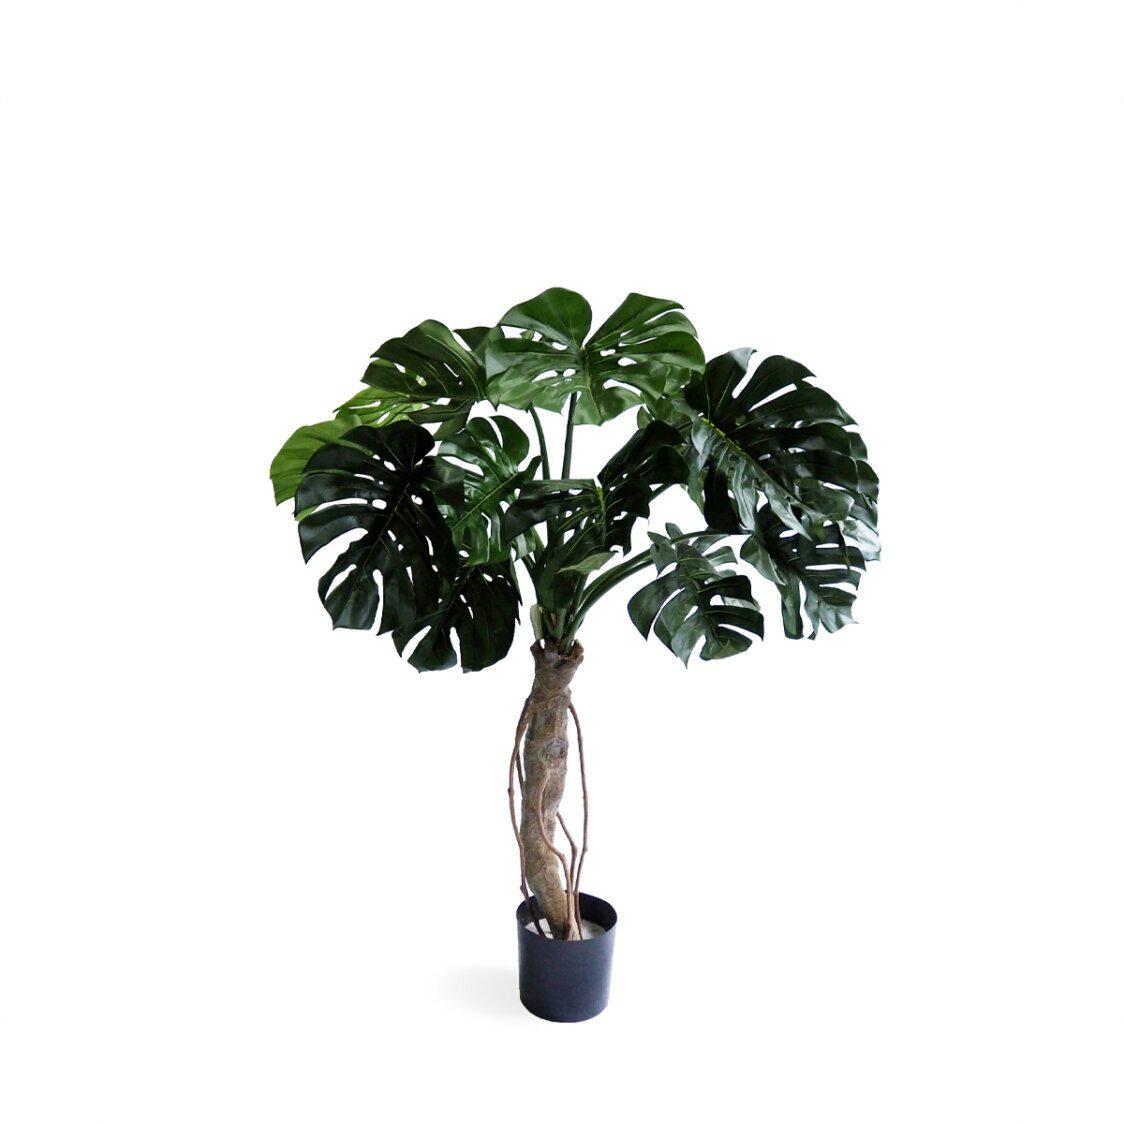 Pollyanna Spilt Philo Potted Plant